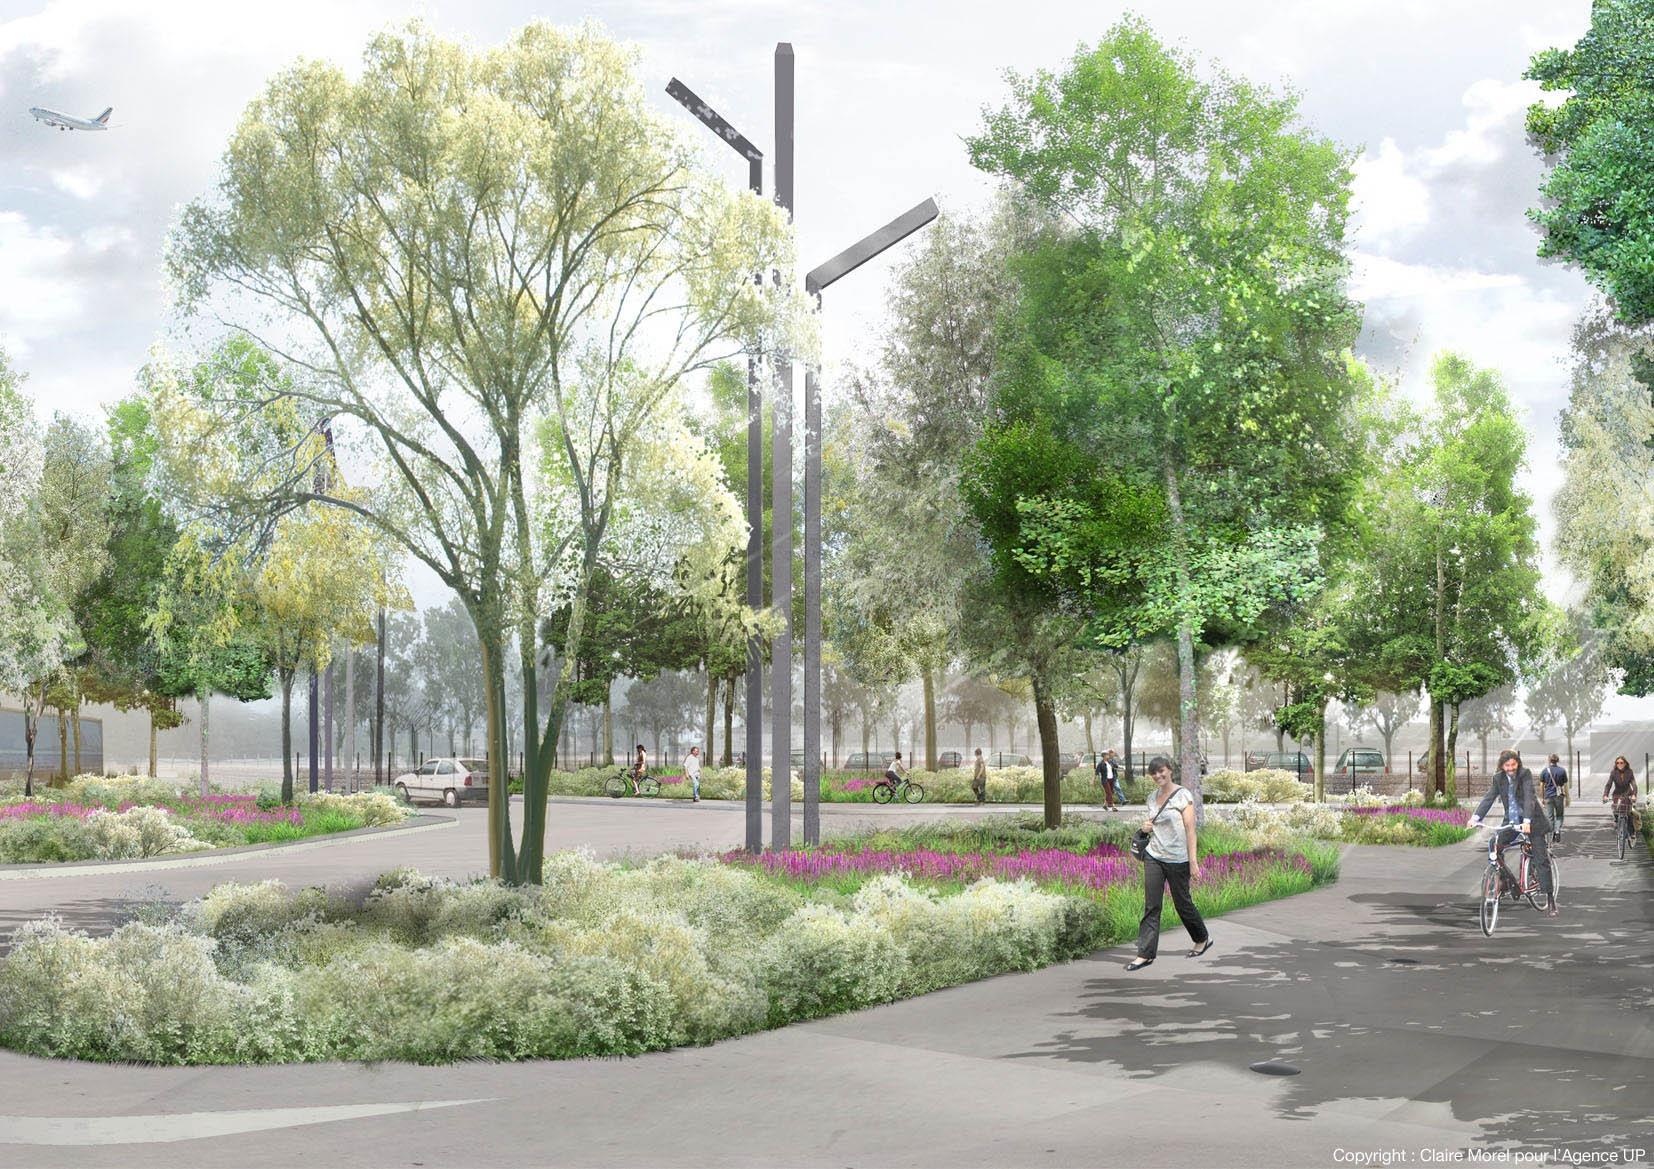 """L'aménagement des espaces publics de l'ancienne Base Aéronavale de Dugny s'inscrit dans une dynamique de développement intensifiée par les réflexions du """"Grand Paris"""", avec la création d'un pôle d'excellence économique (cluster aéronautique) et la densification du réseau de transports en commun (PEM du Bourget / Tangencielle Nord). Aujourd'hui la BAN assure la transition entre Aéroport Paris Le Bourget et le tissu pavillonaire de Dugny. Demain le projet doit permettre de créer les conditions optimales de valorisation du foncier libéré et créer un quartier actif.  L'enjeu de la requalification des espaces publics attenants à l'exBAN est double :  - Anticiper l'évolution de la trame urbaine et la mutation des espaces attenants. Au-delà de la connexion ou de la requalification de voies existantes, il s'agit de tisser des liens entre le quartier en devenir et le centre ville de Dugny.  - Révéler l'identité d'un site singulier, ancré dans l'histoire de l'aviation, permettre la réappropriation par les habitants d'un espace ouvert sur l'horizon et les terres lointaines mais jusqu'ici clos."""